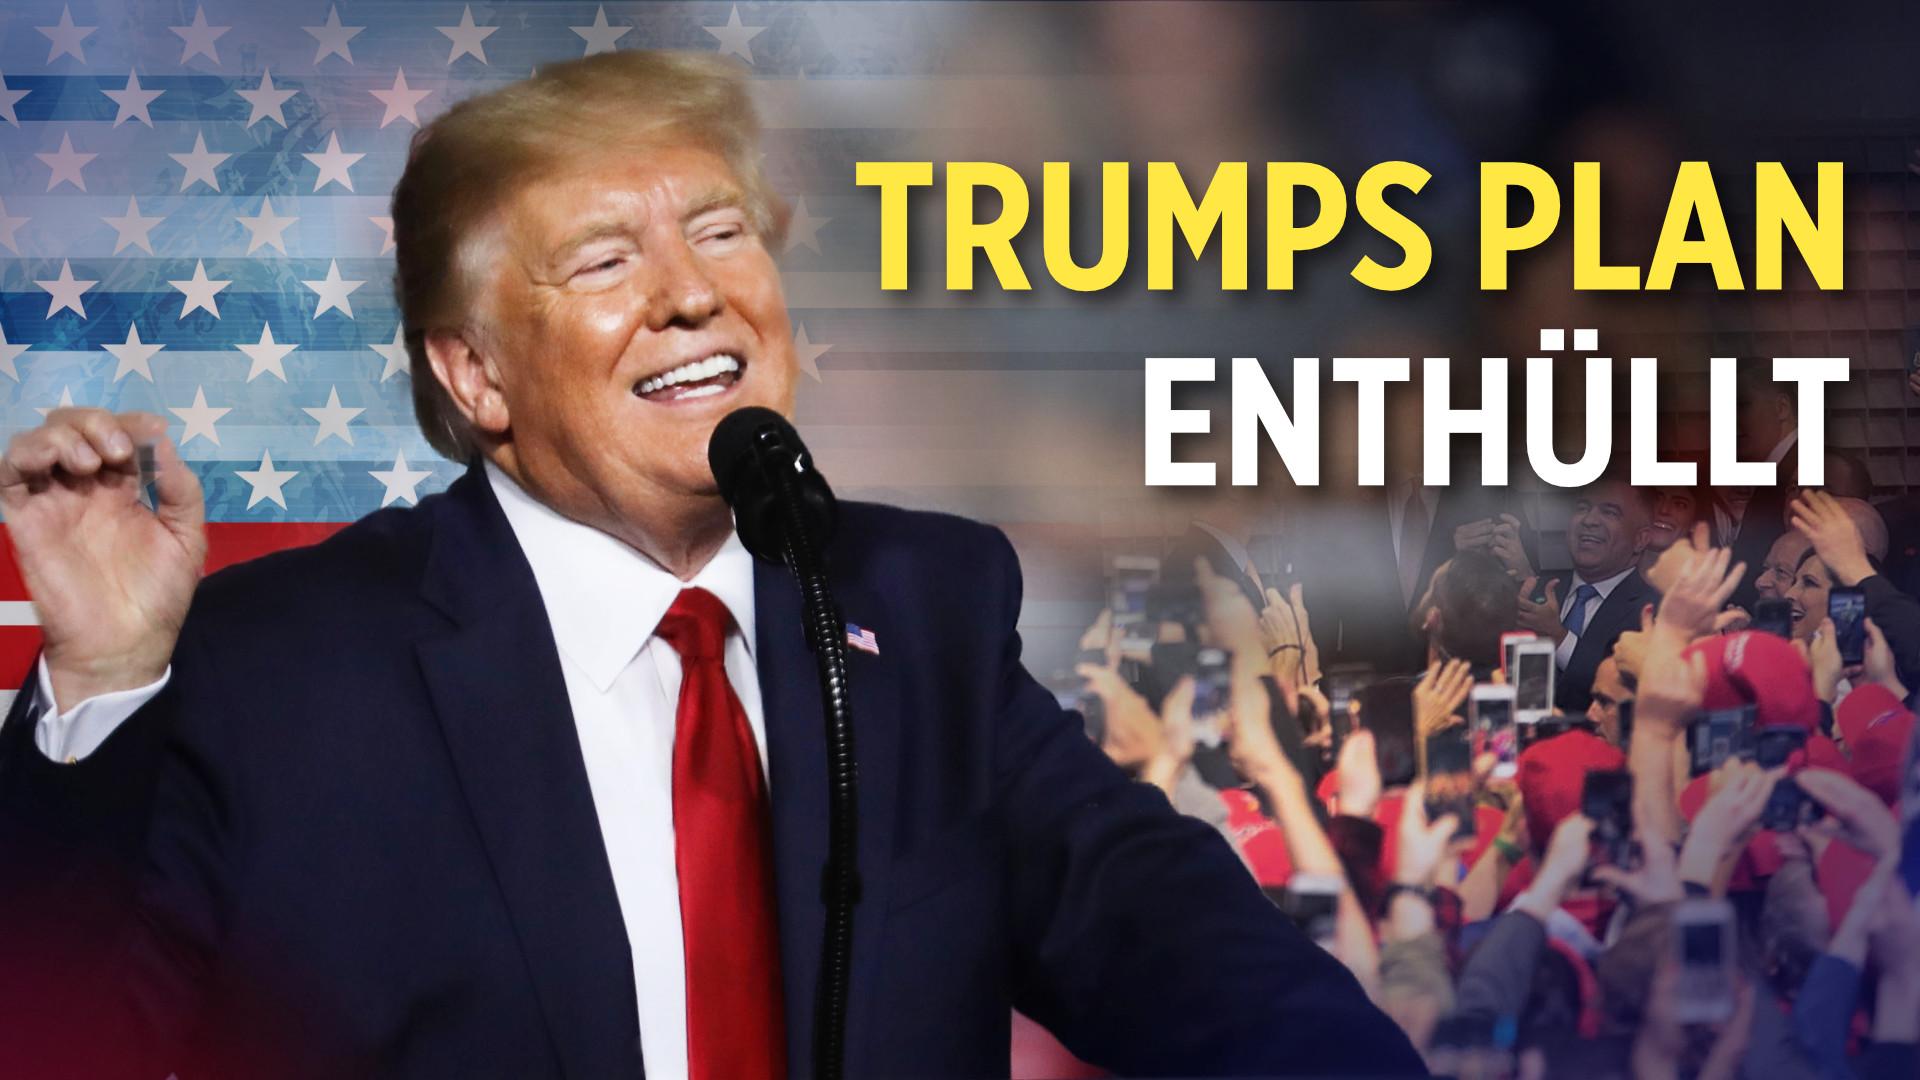 Biden stoppt Tiktok- und WeChat-Verbot | Ehemaliger Stabschef vom Weißen Haus enthüllt Trumps Plan